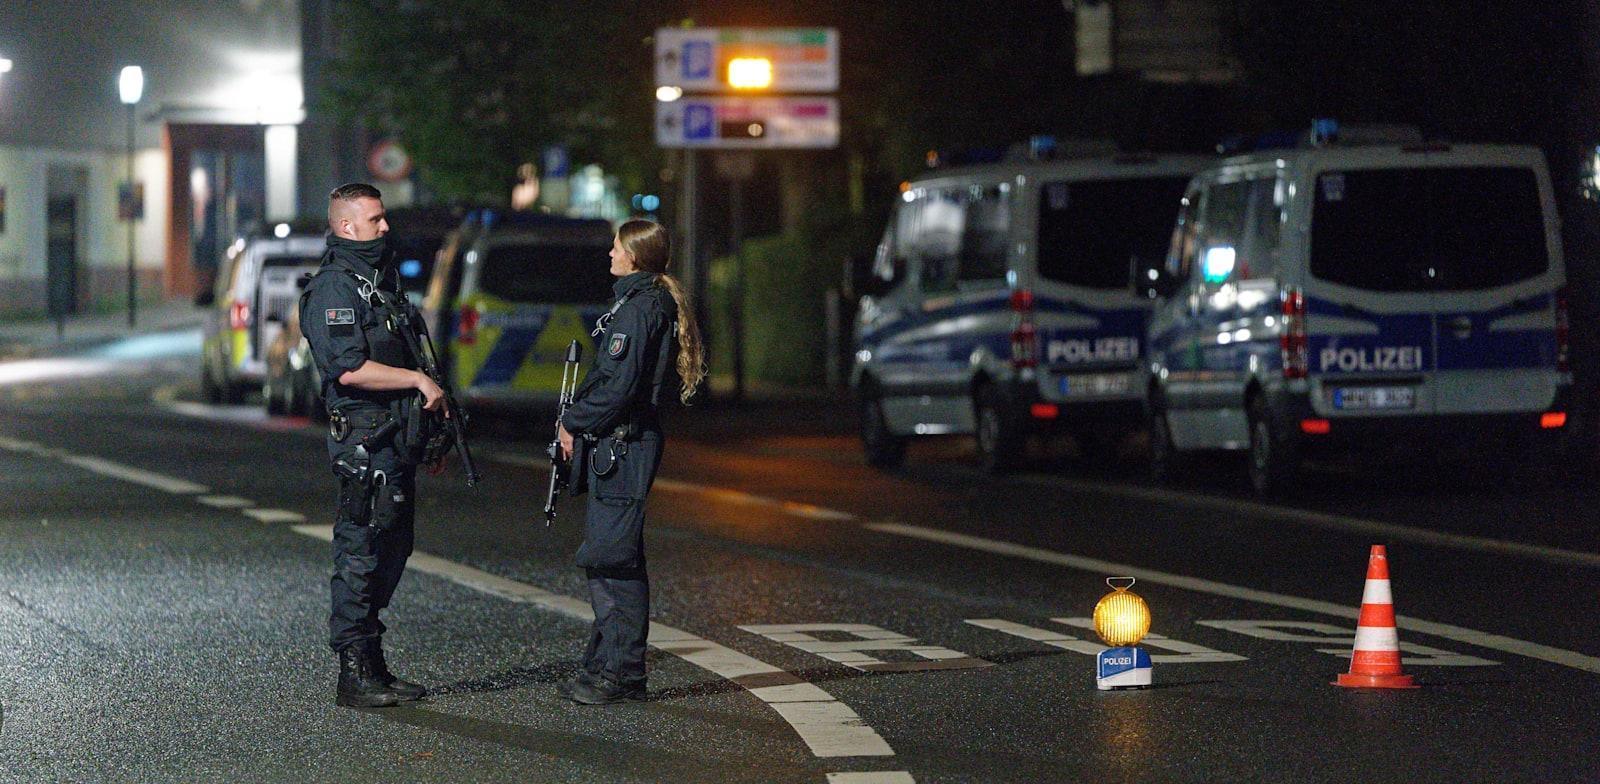 המשטרה עצרה צעיר סורי בחשד שתיכנן לתקוף בית כנסת ביום כיפור בעיר האגן, גרמניה / צילום: Reuters, Henning Kaiser